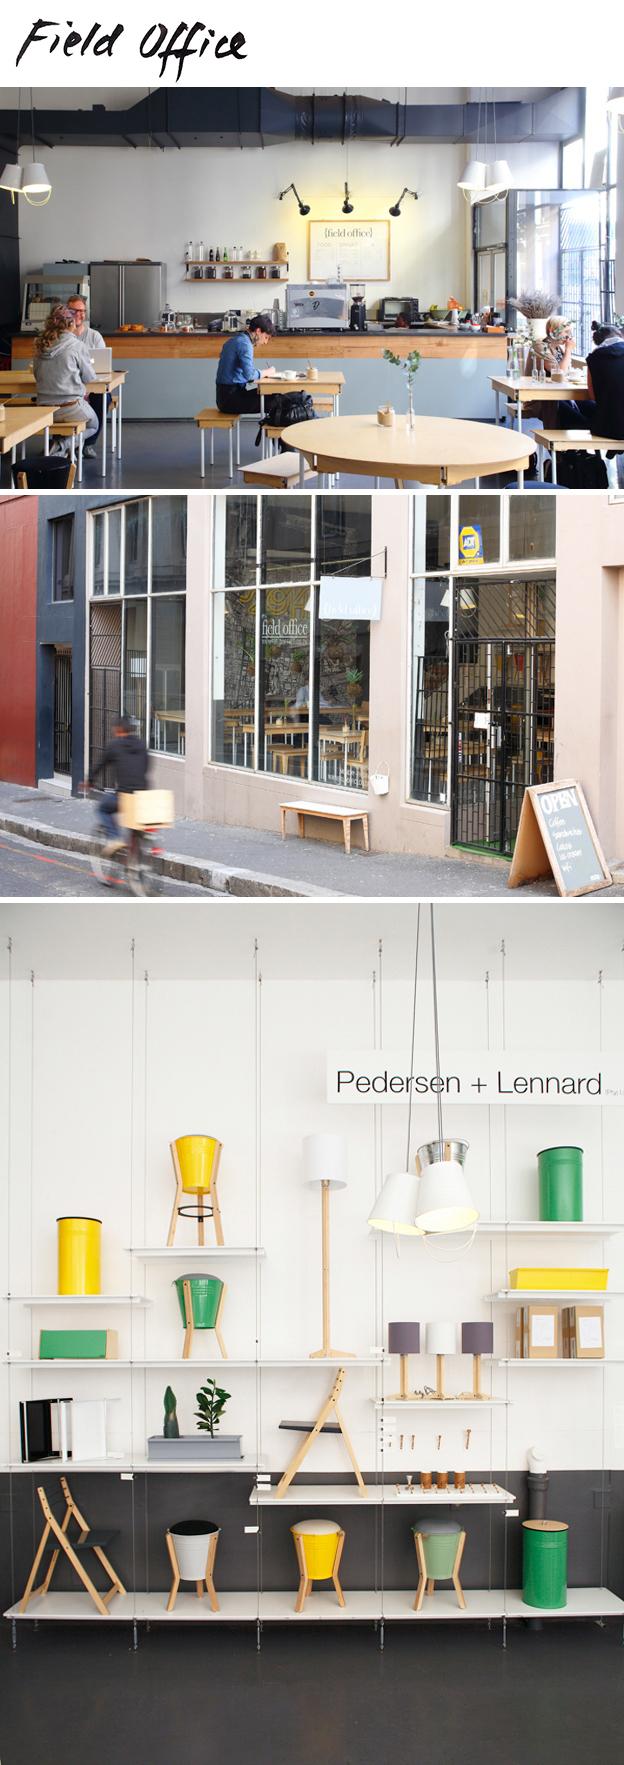 Field Office - Pedersen + Lennard | Scandinavia Standard